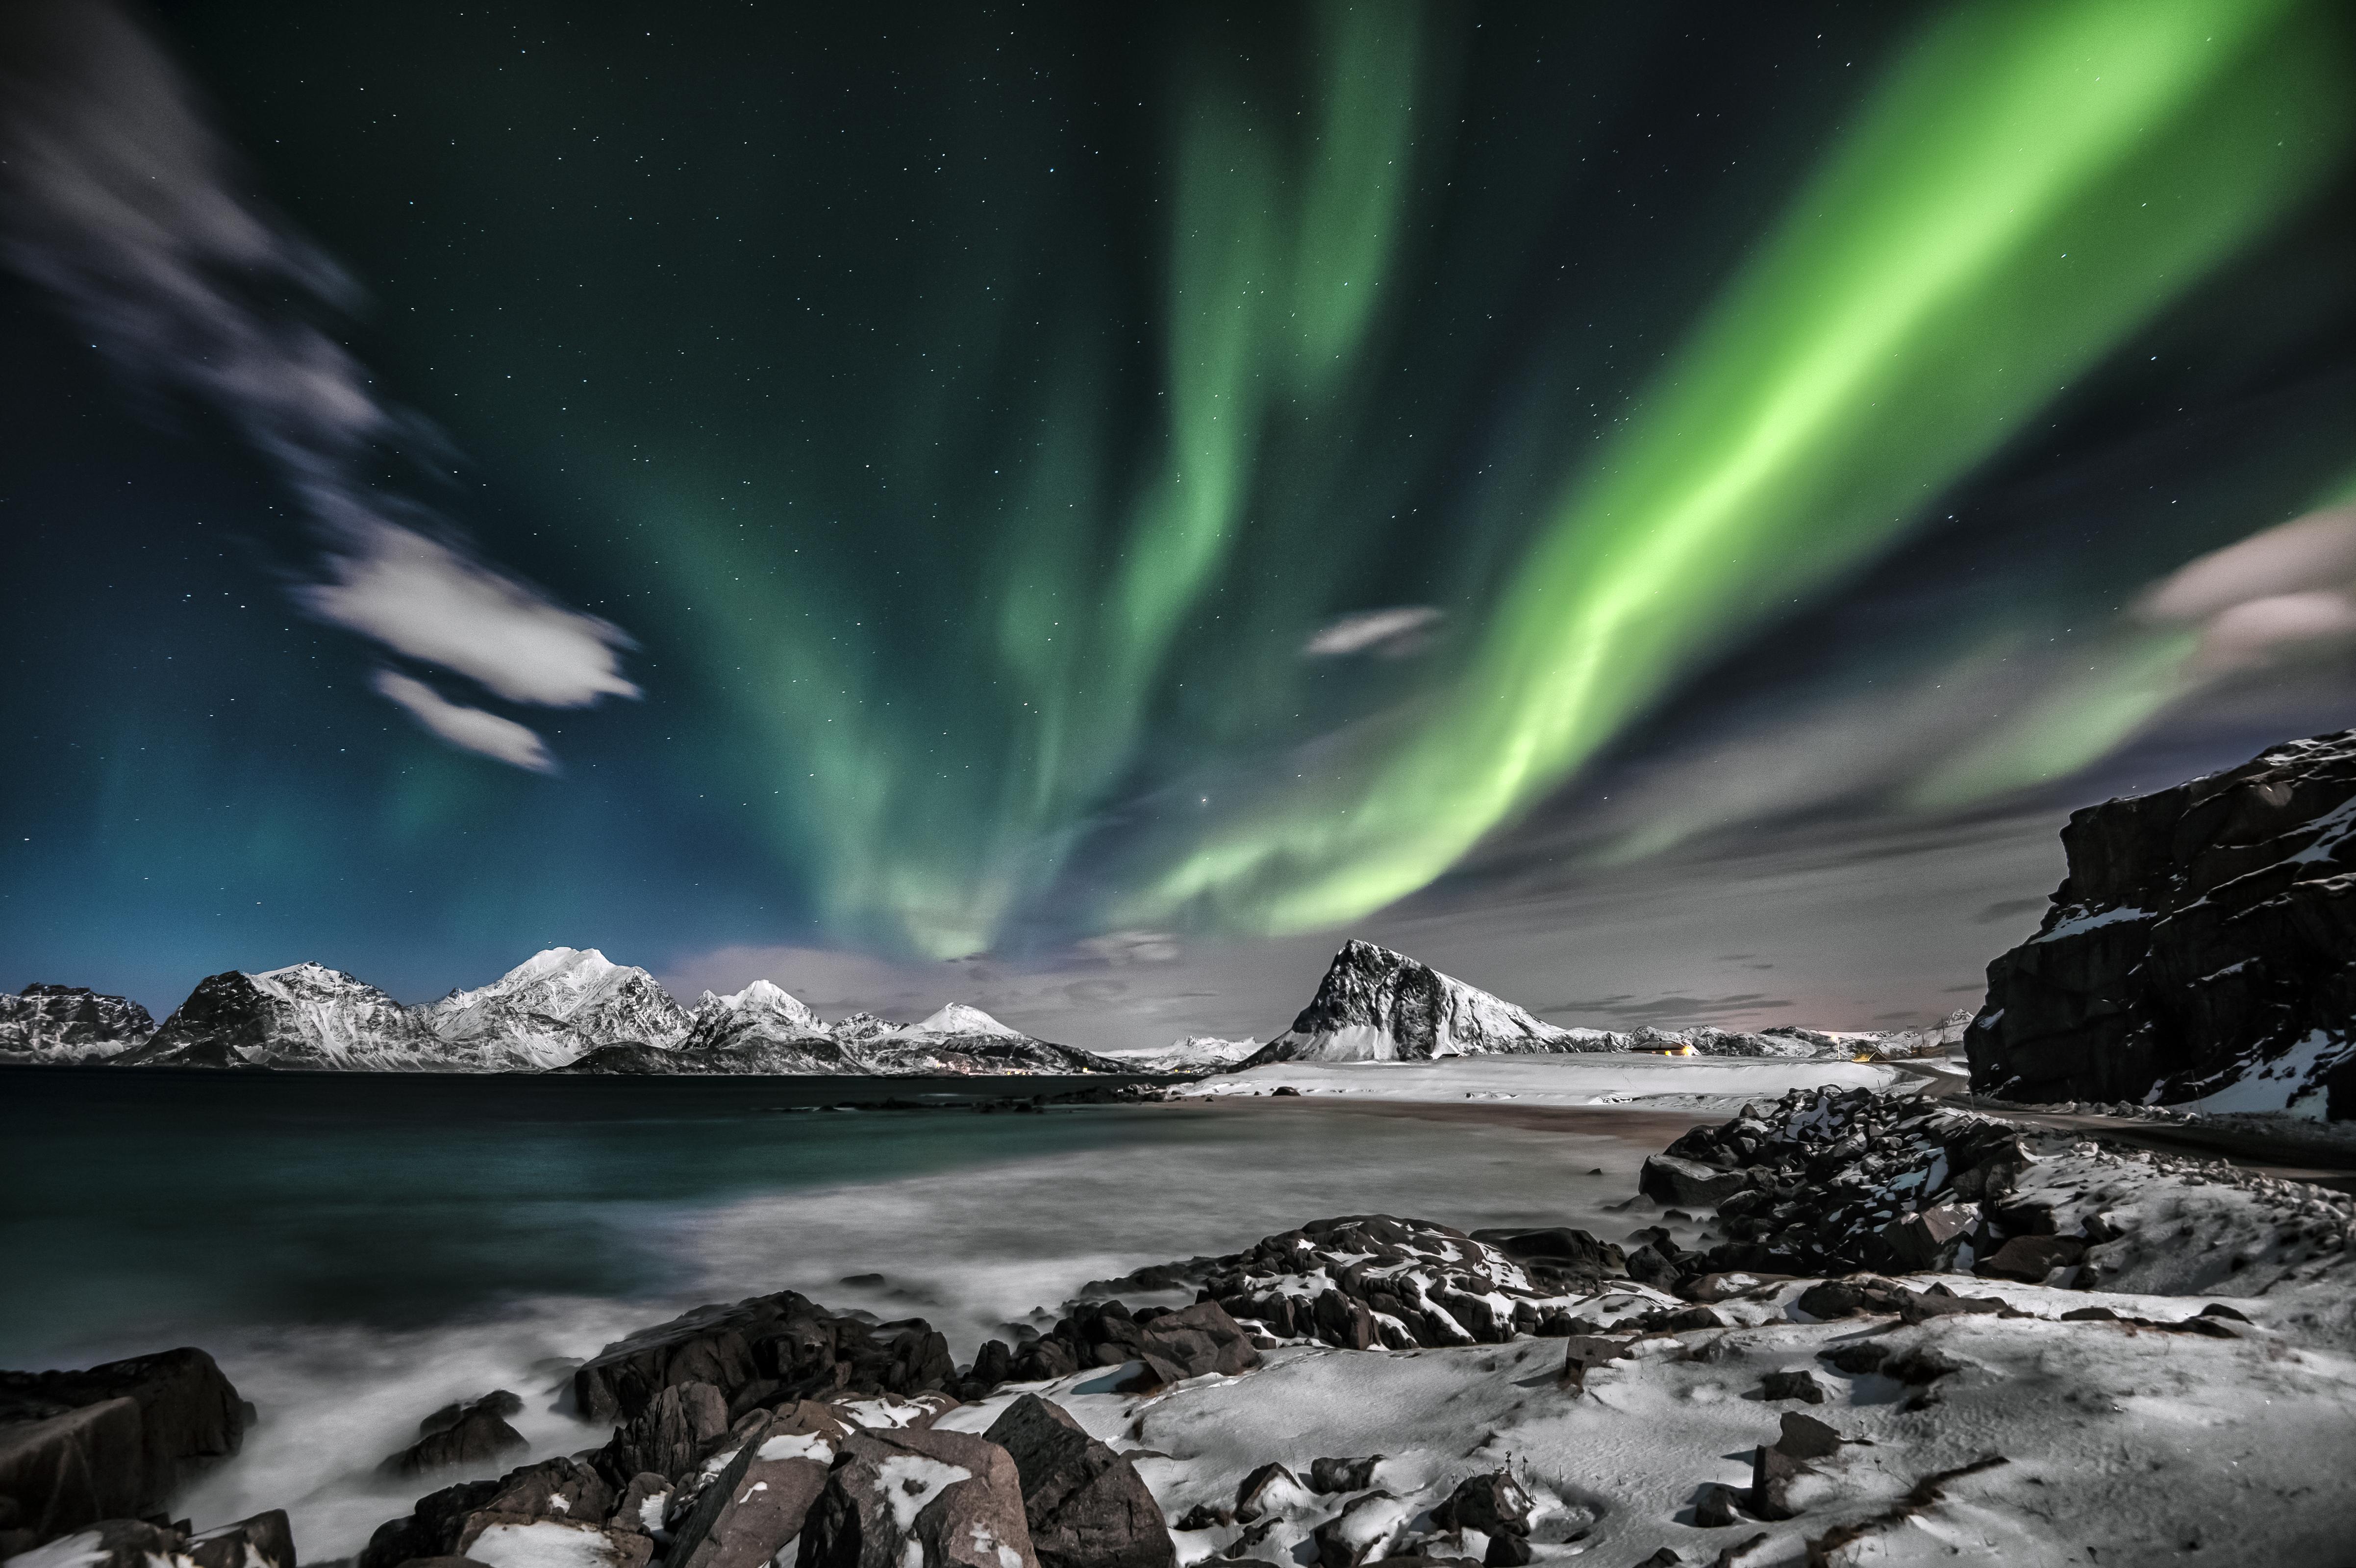 Green aurora borealis.